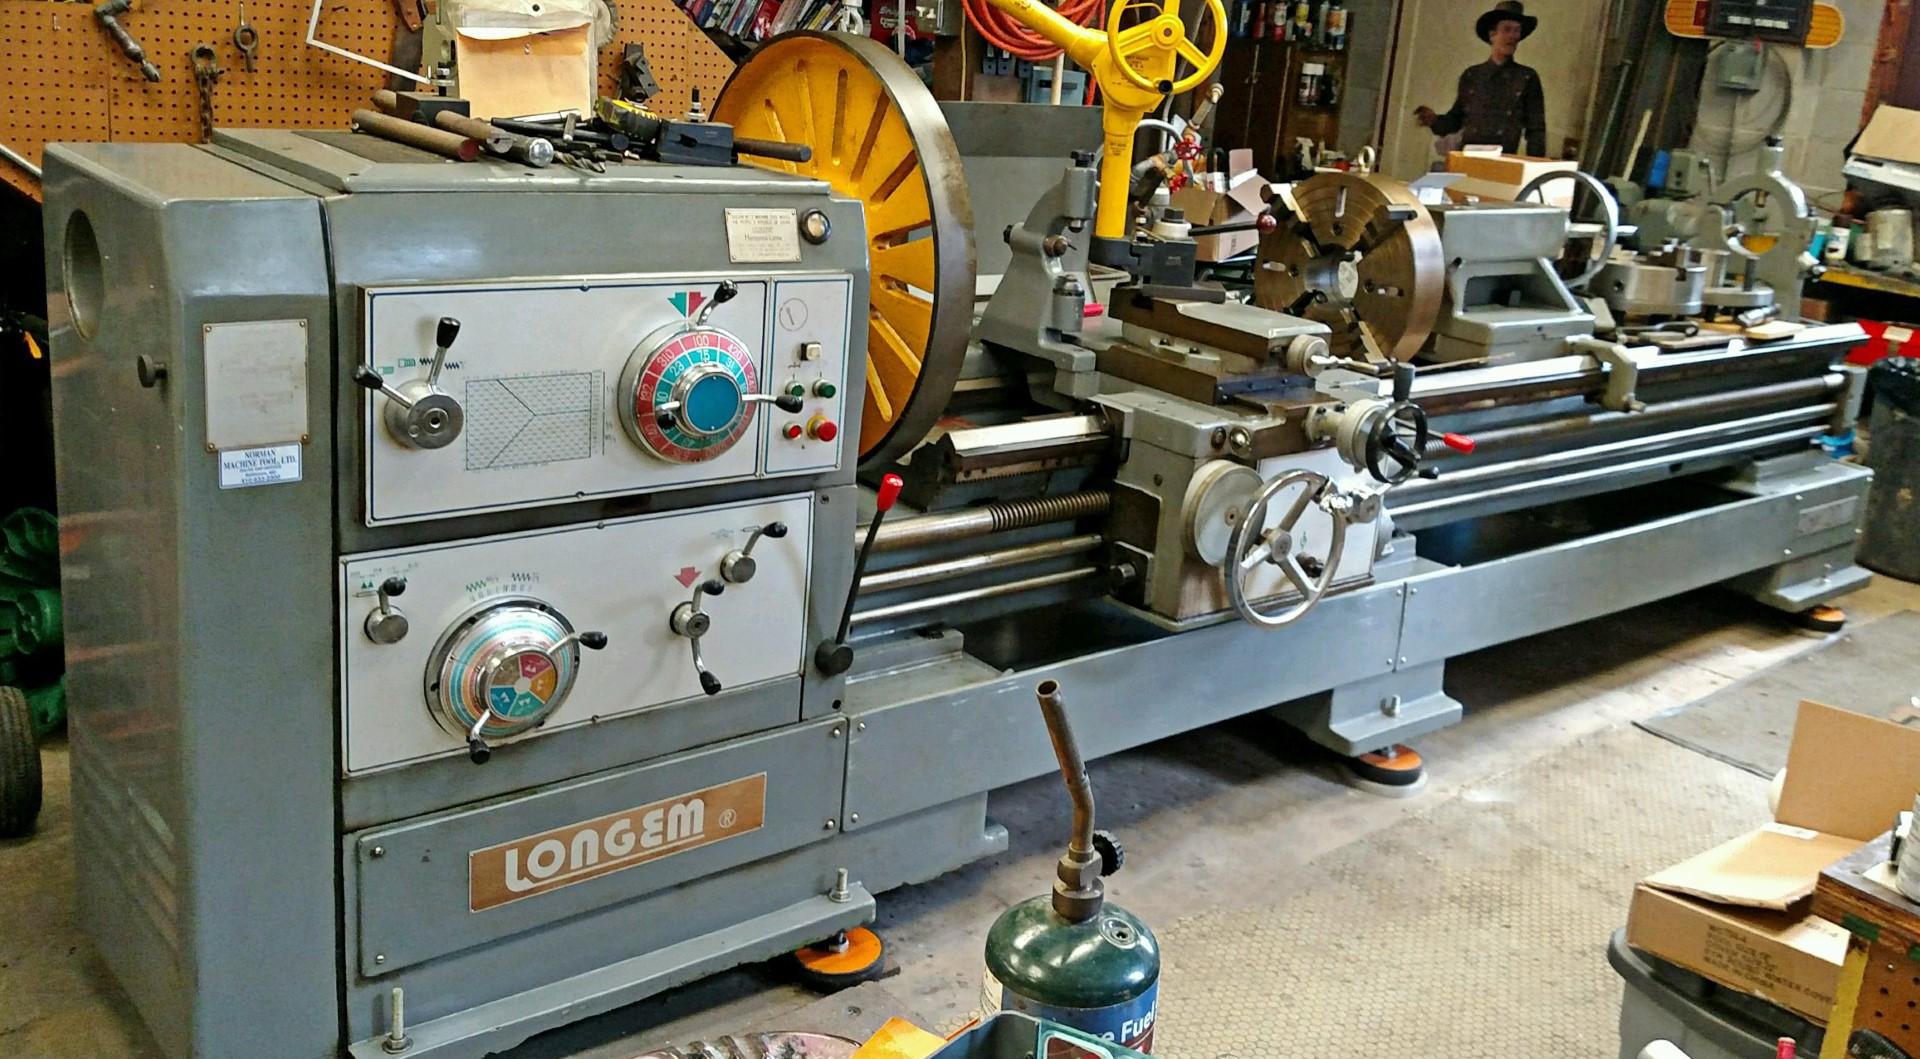 Lathe For Sale >> Longem 26 X 120 Universal Heavy Duty Gap Bed Lathe Lg26120c Sale Pending